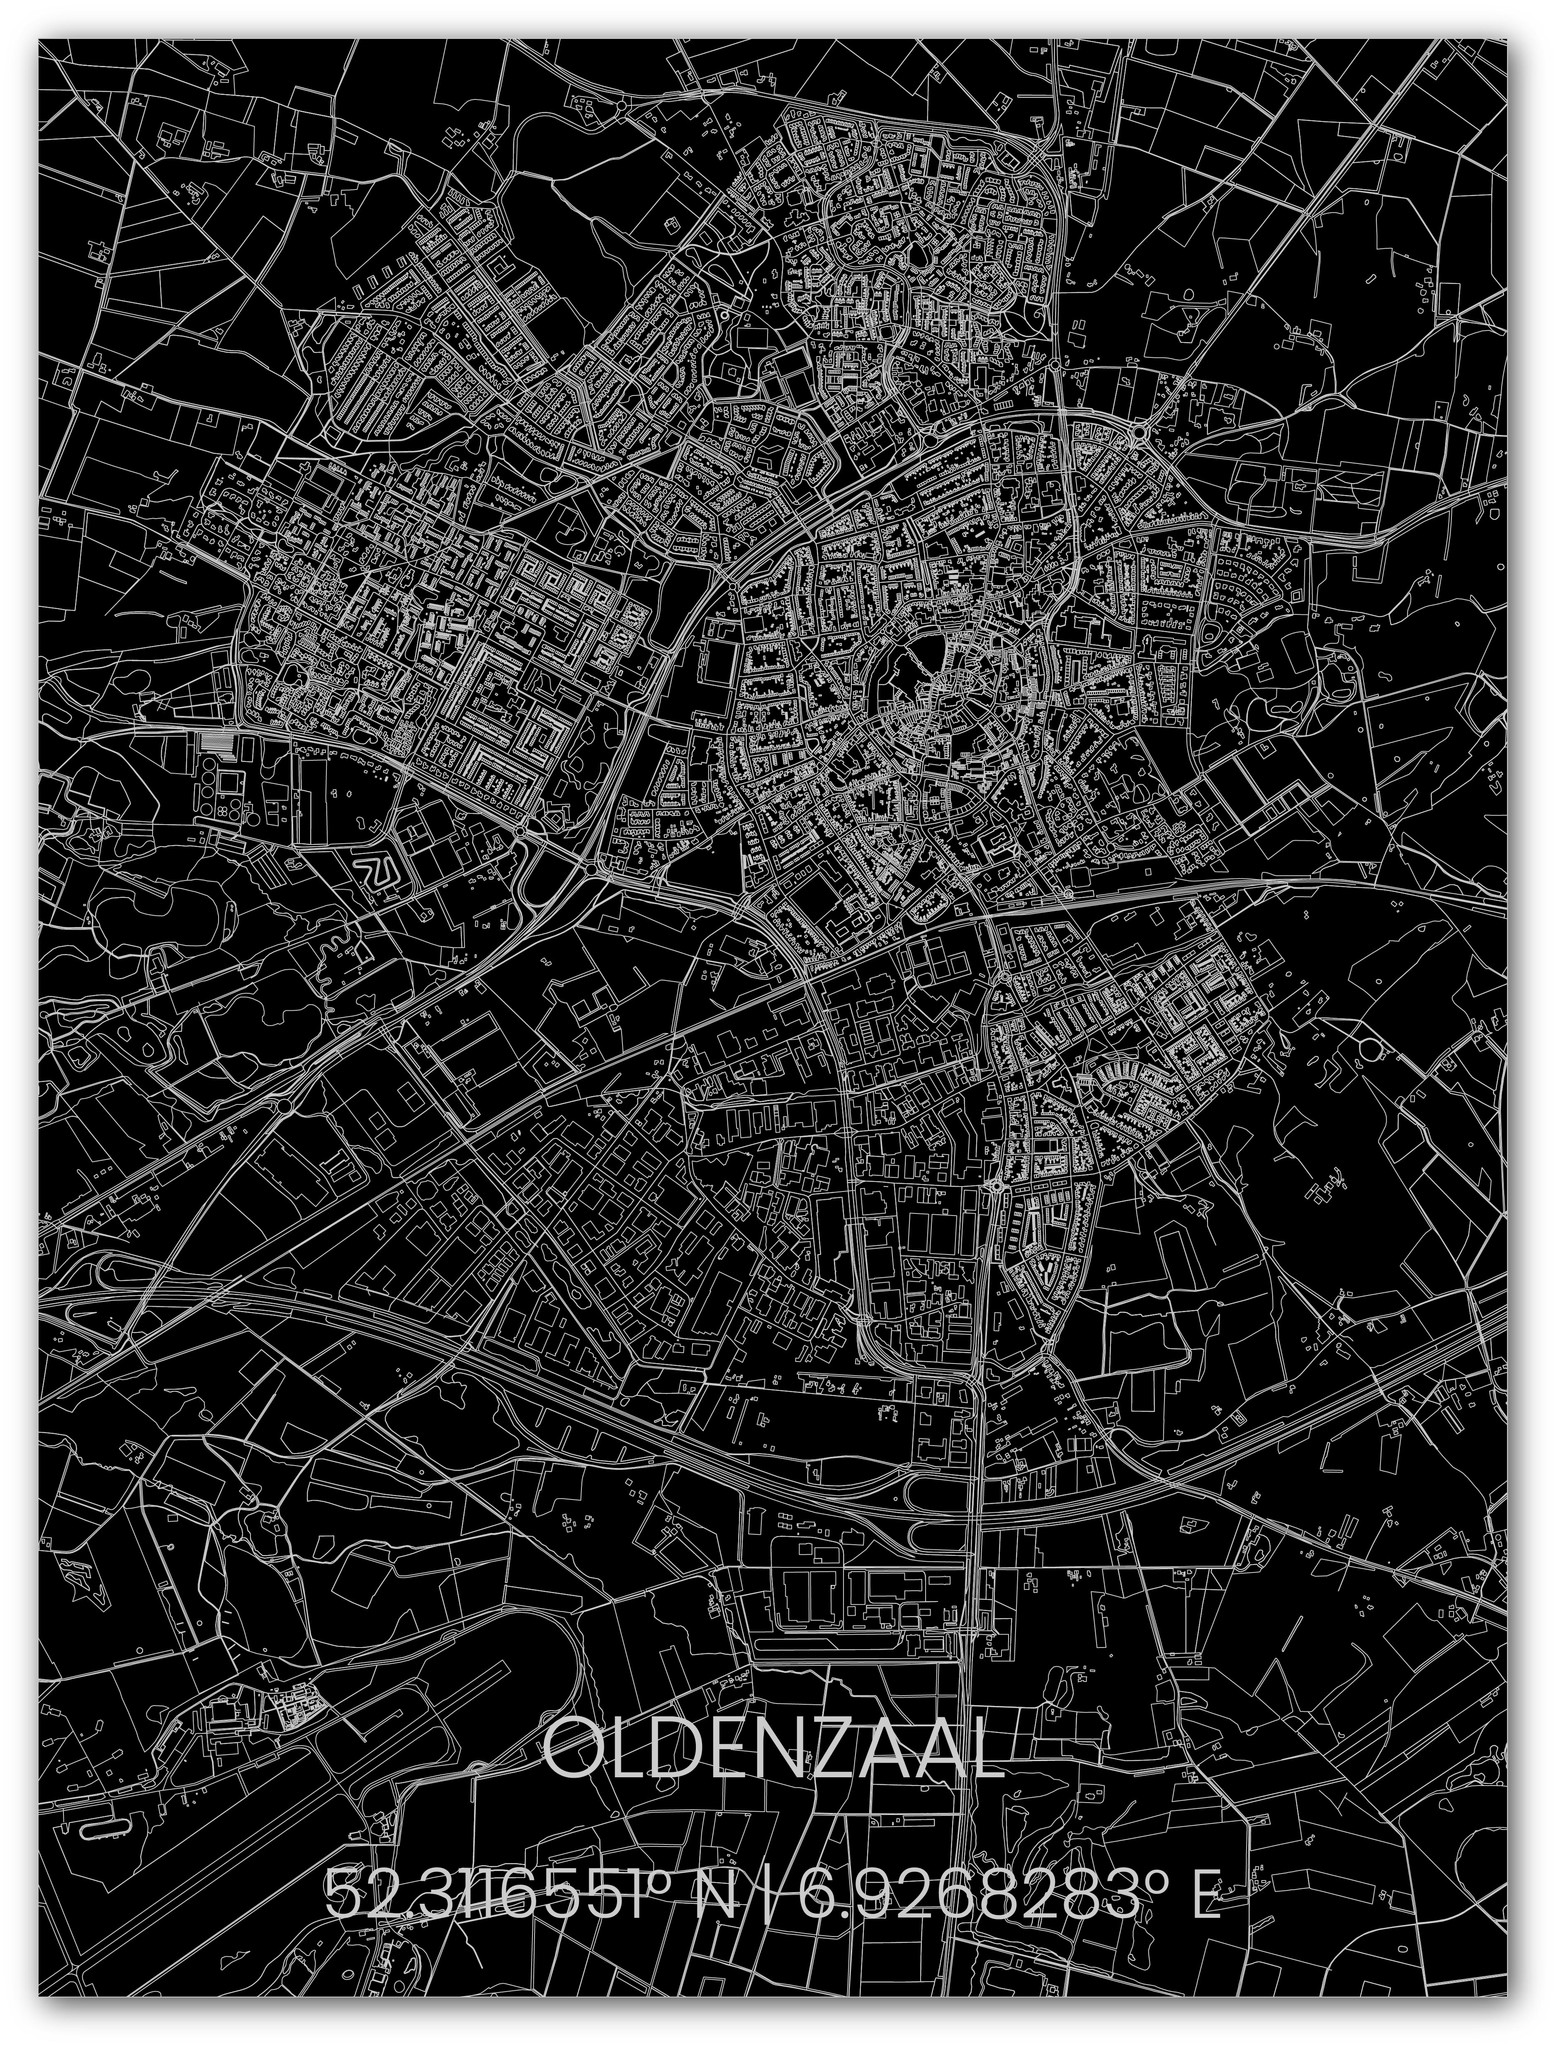 Metalen stadsplattegrond Oldenzaal-1